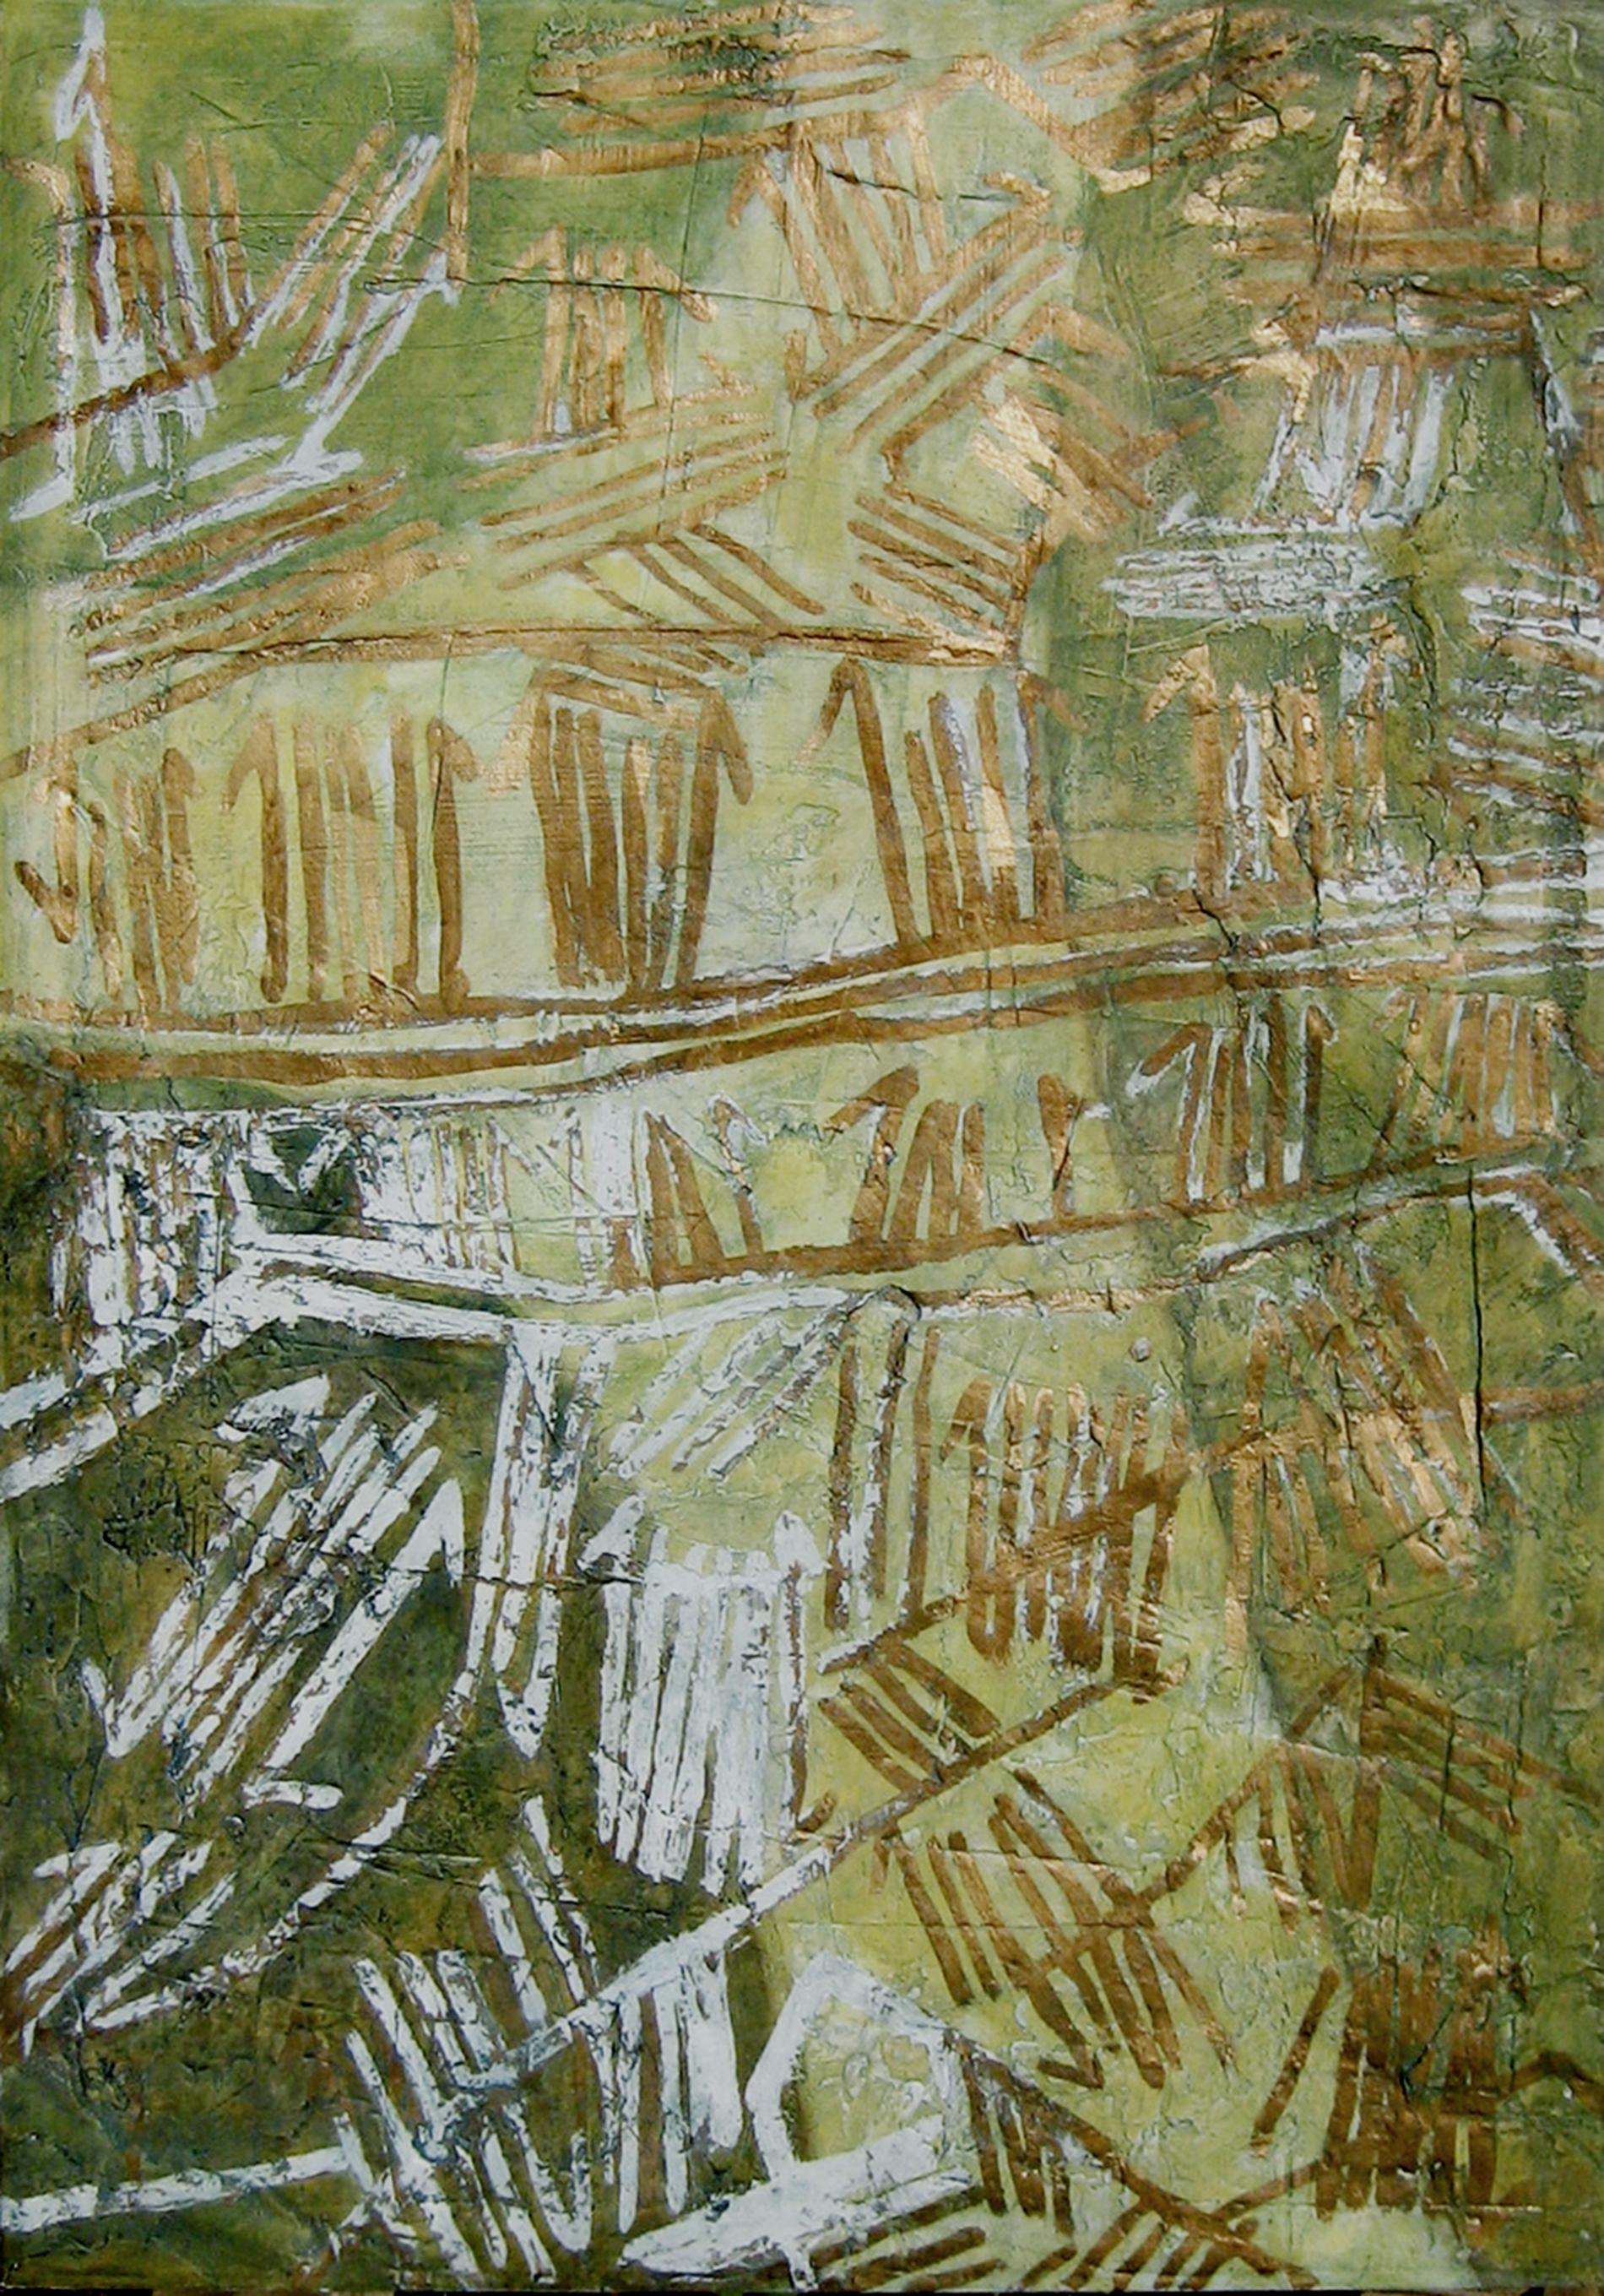 archetipo, astrazione, collage, culto della Madre Terra, culto di Gaia, culto di Maia, dipinto con pigmenti su carta di riso, dipinto con pigmenti su gesso, dipinto con pigmenti su tela, Pigmenti, stecnica mista, texture, dittico, doratura con foglia d'oro, grafik